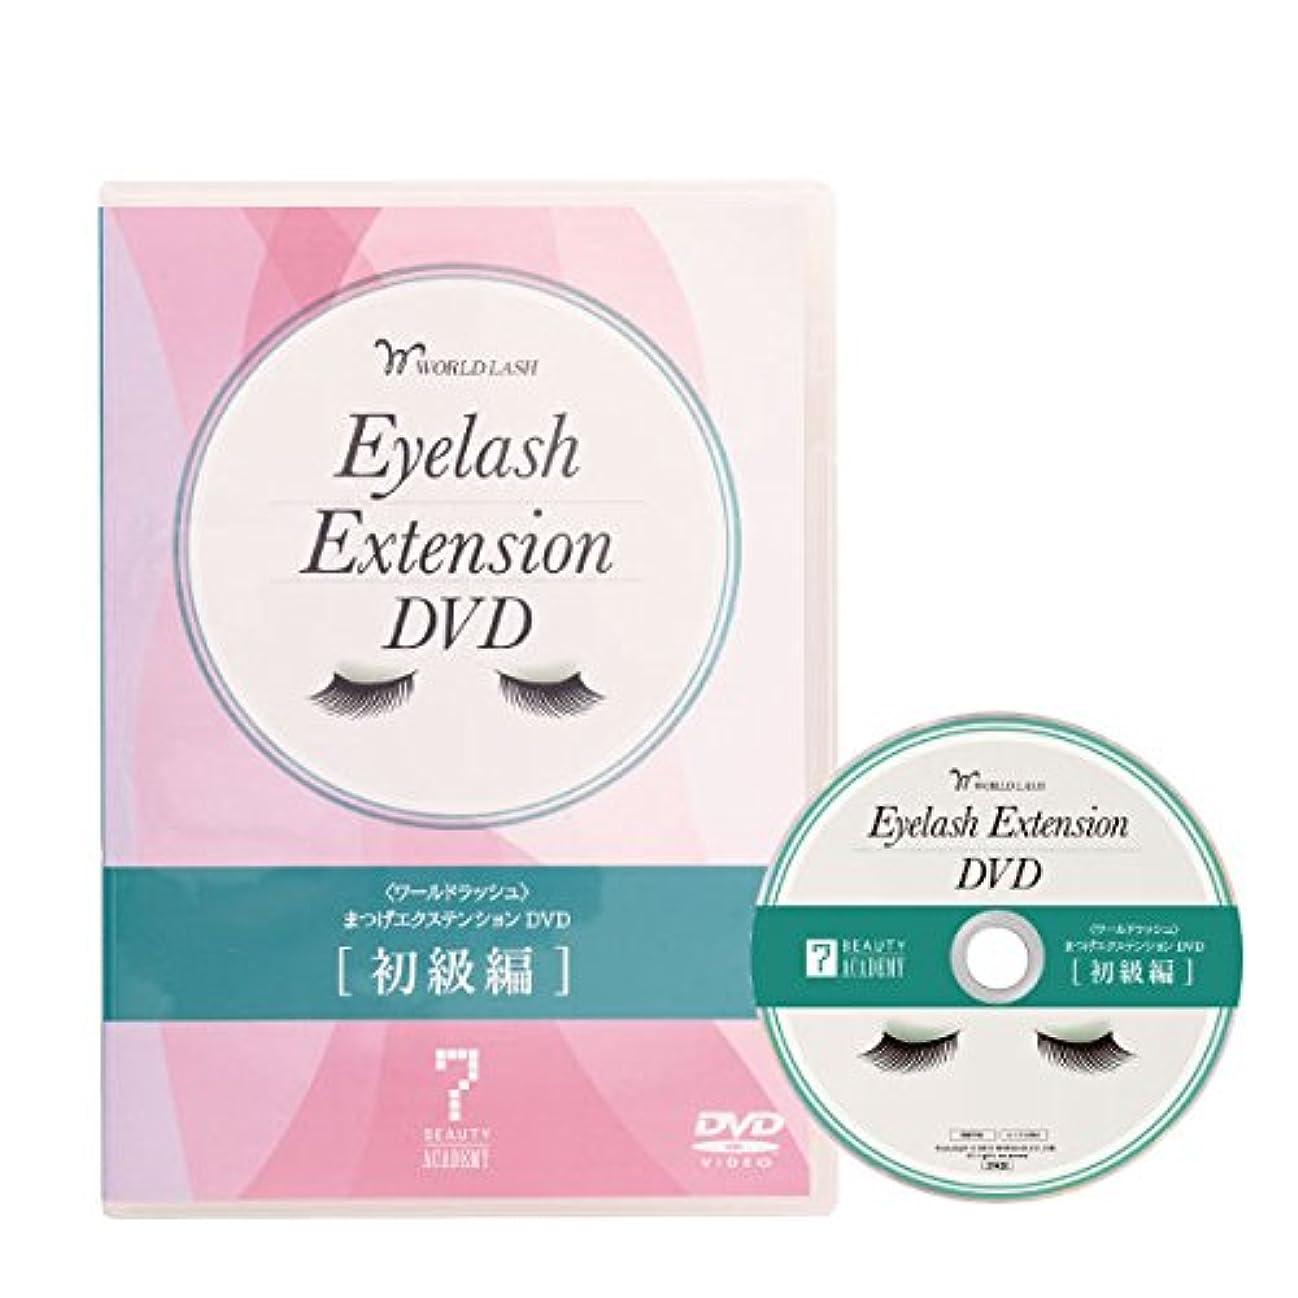 前提に応じてやろう< WORLD LASH > まつげエクステンション DVD (初級編) [ 教材 テキスト DVD まつげエクステ まつ毛エクステ まつエク マツエク サロン用 ]